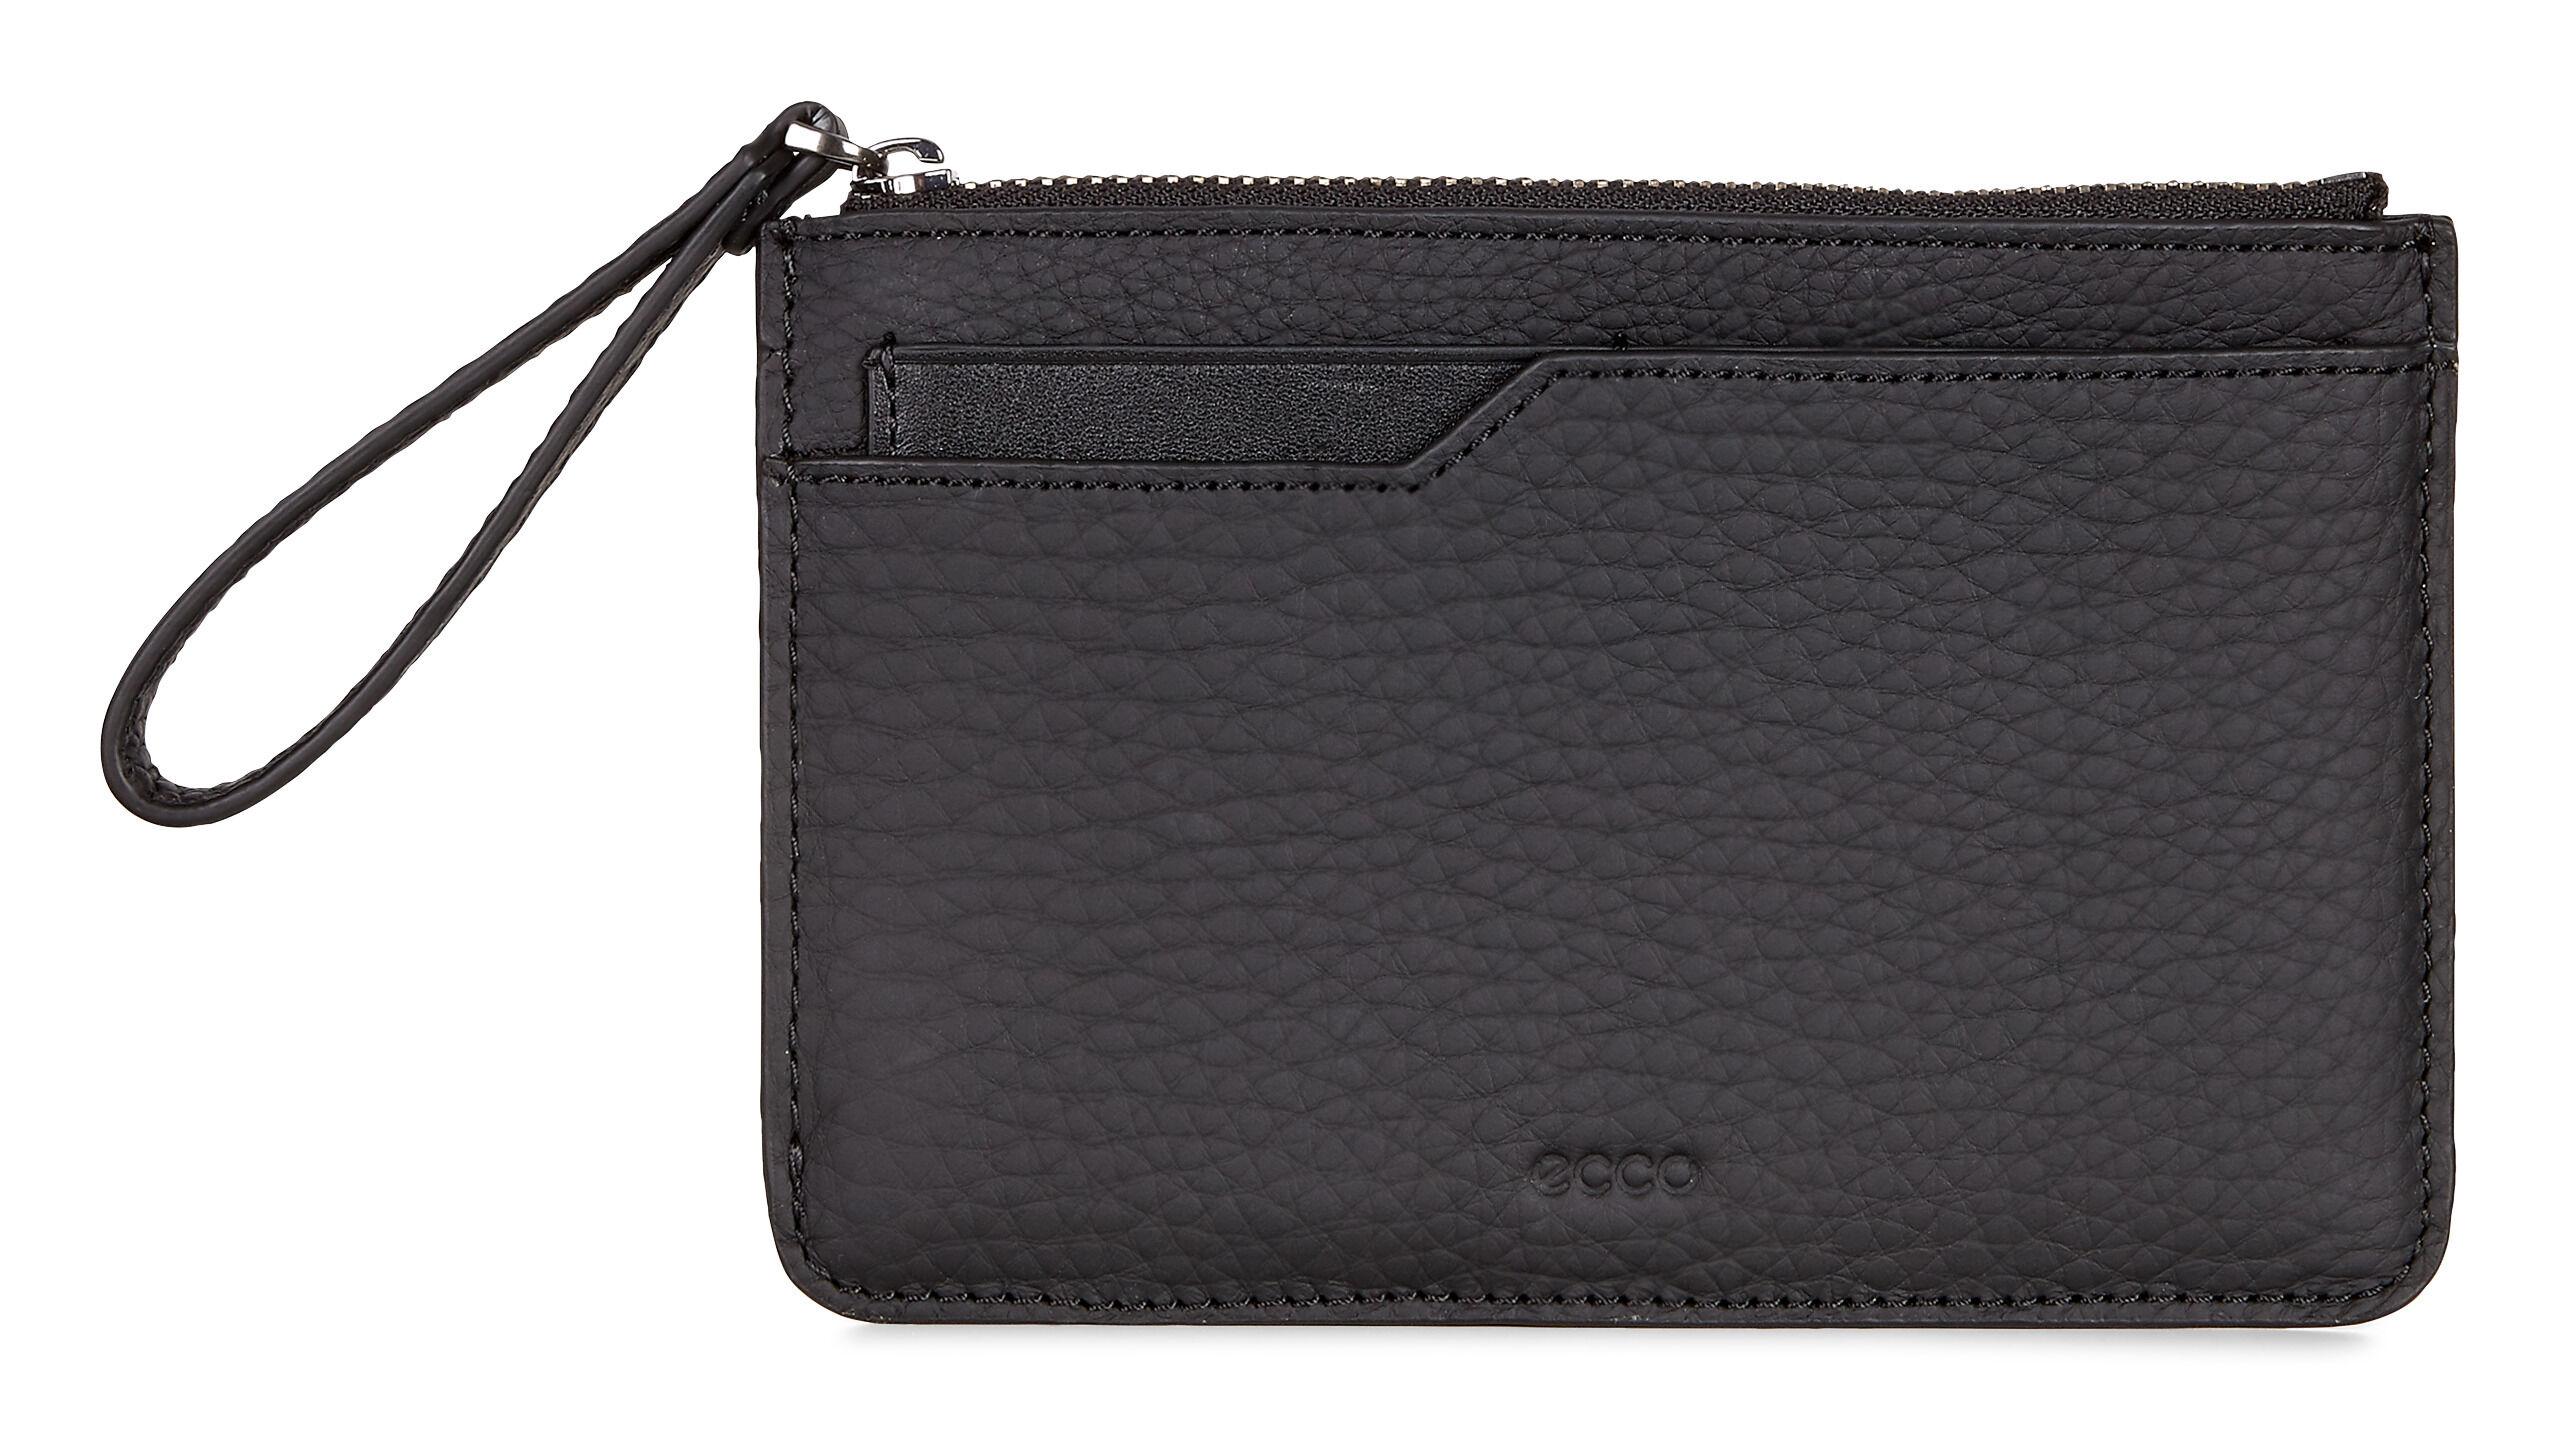 ECCO Jilin Zipped Wallet